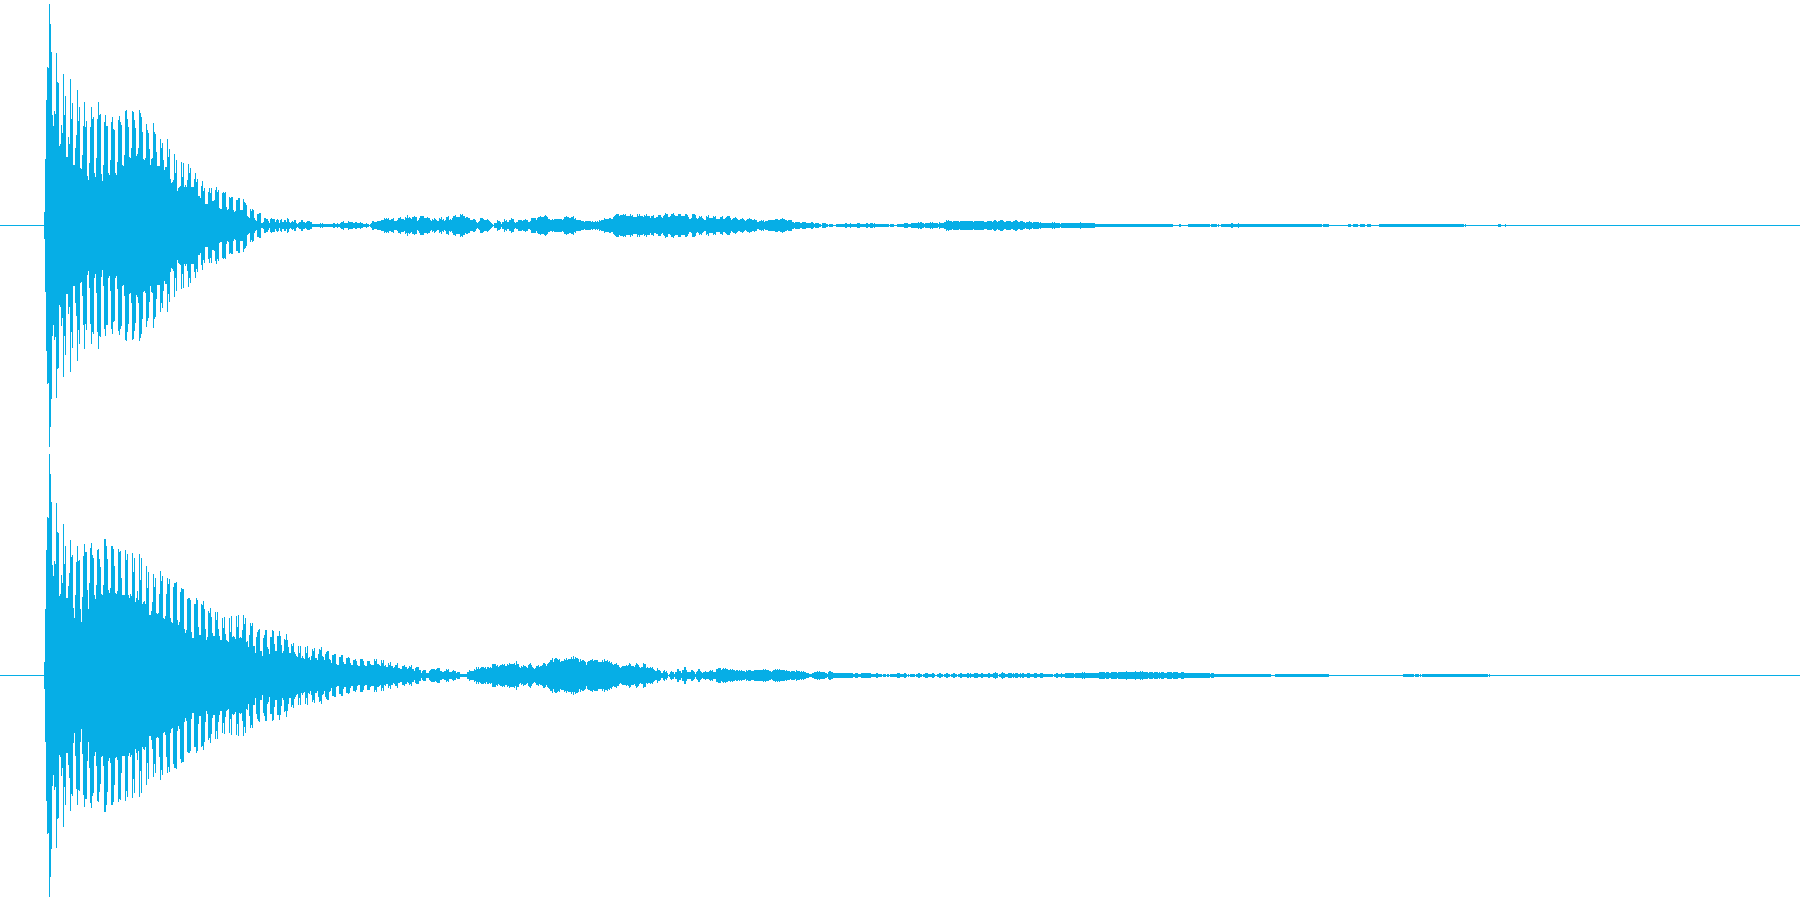 ポン カーソル音 タップ音 A-10_の再生済みの波形